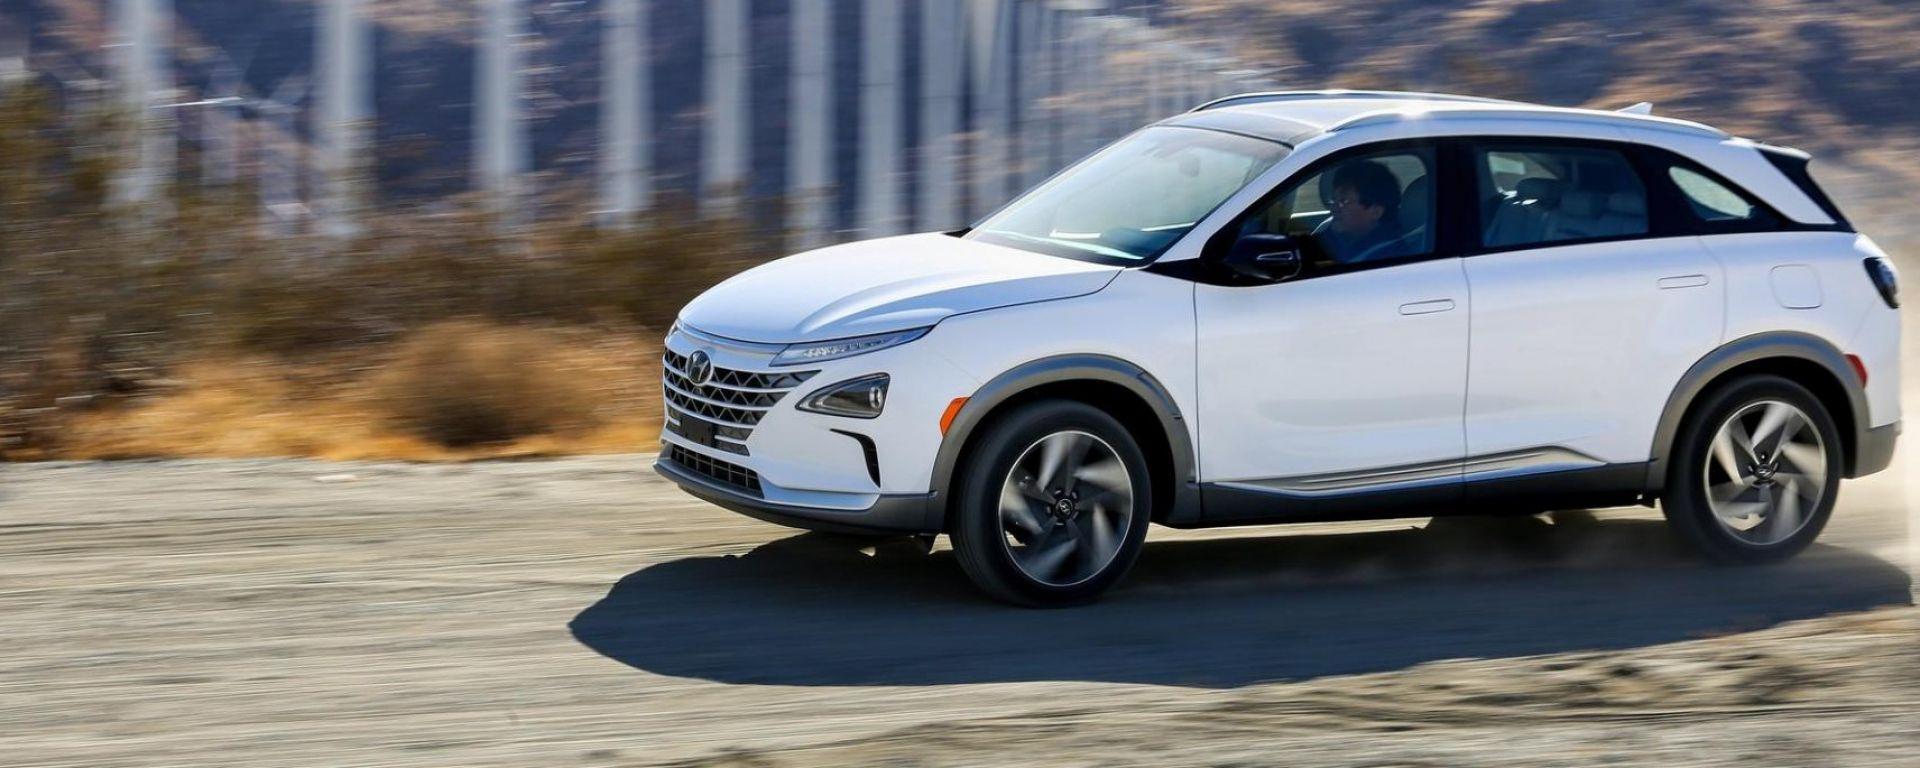 Hyundai Nexo, l'auto a idrogeno in Trentino è già su strada